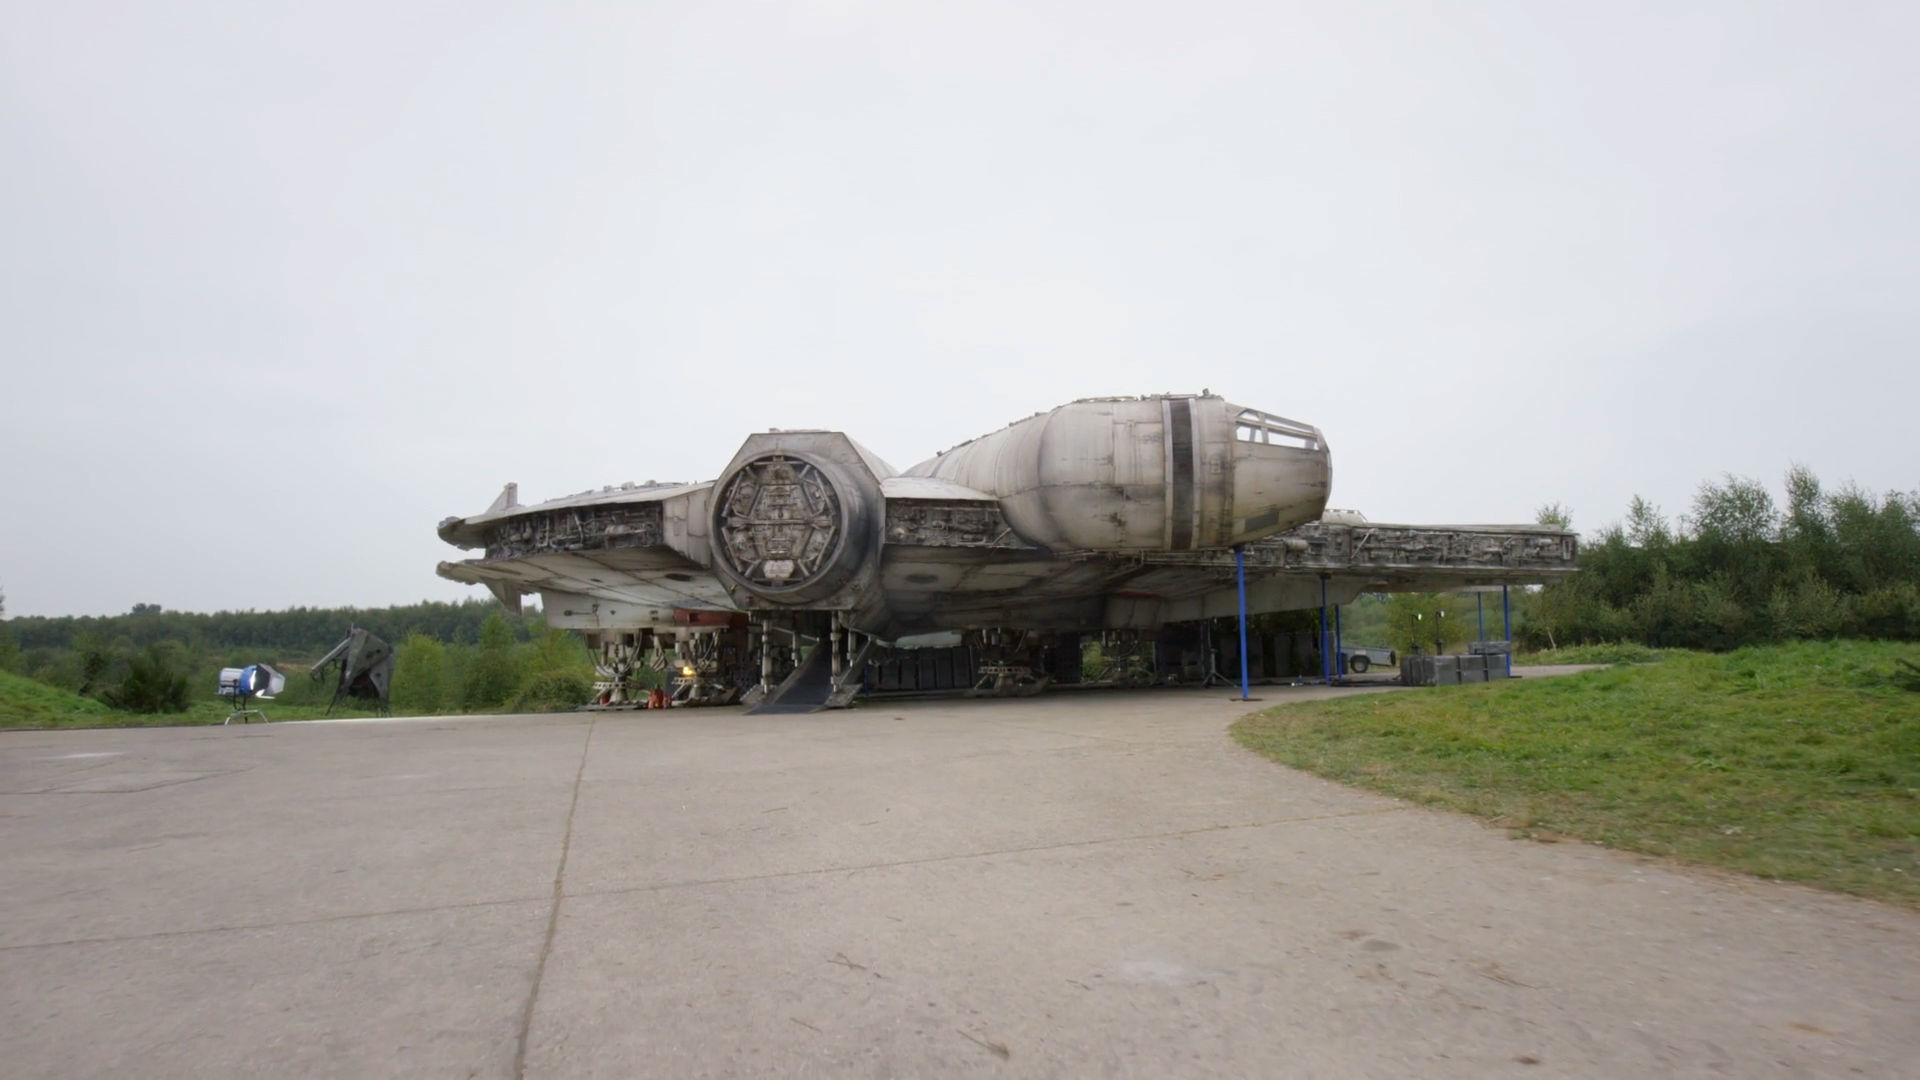 Star Wars Il risveglio della forza - Millenium Falcon